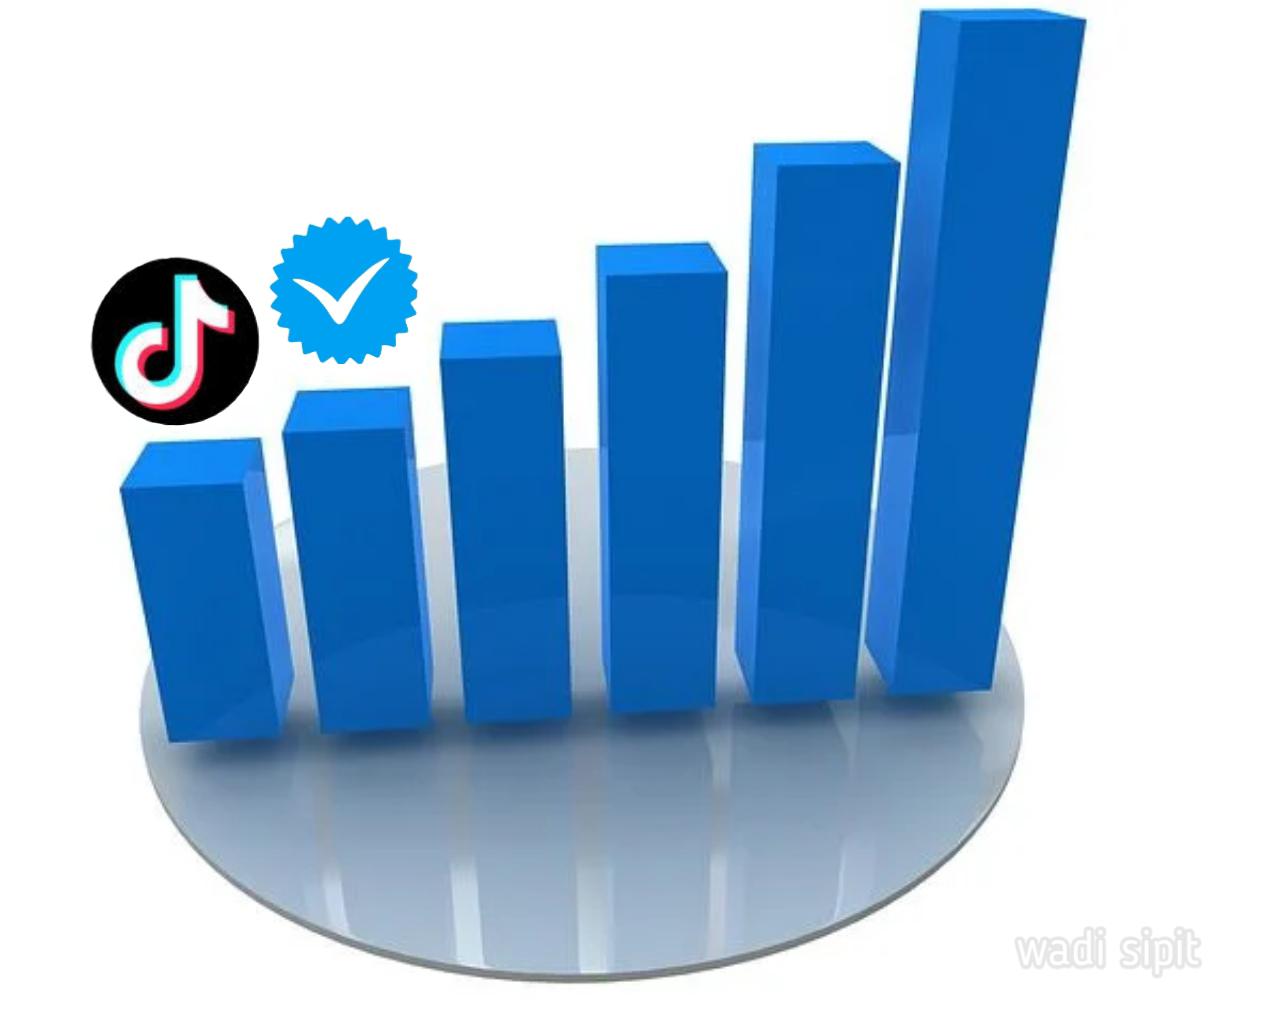 cara meningkatkan view dan followers tiktok